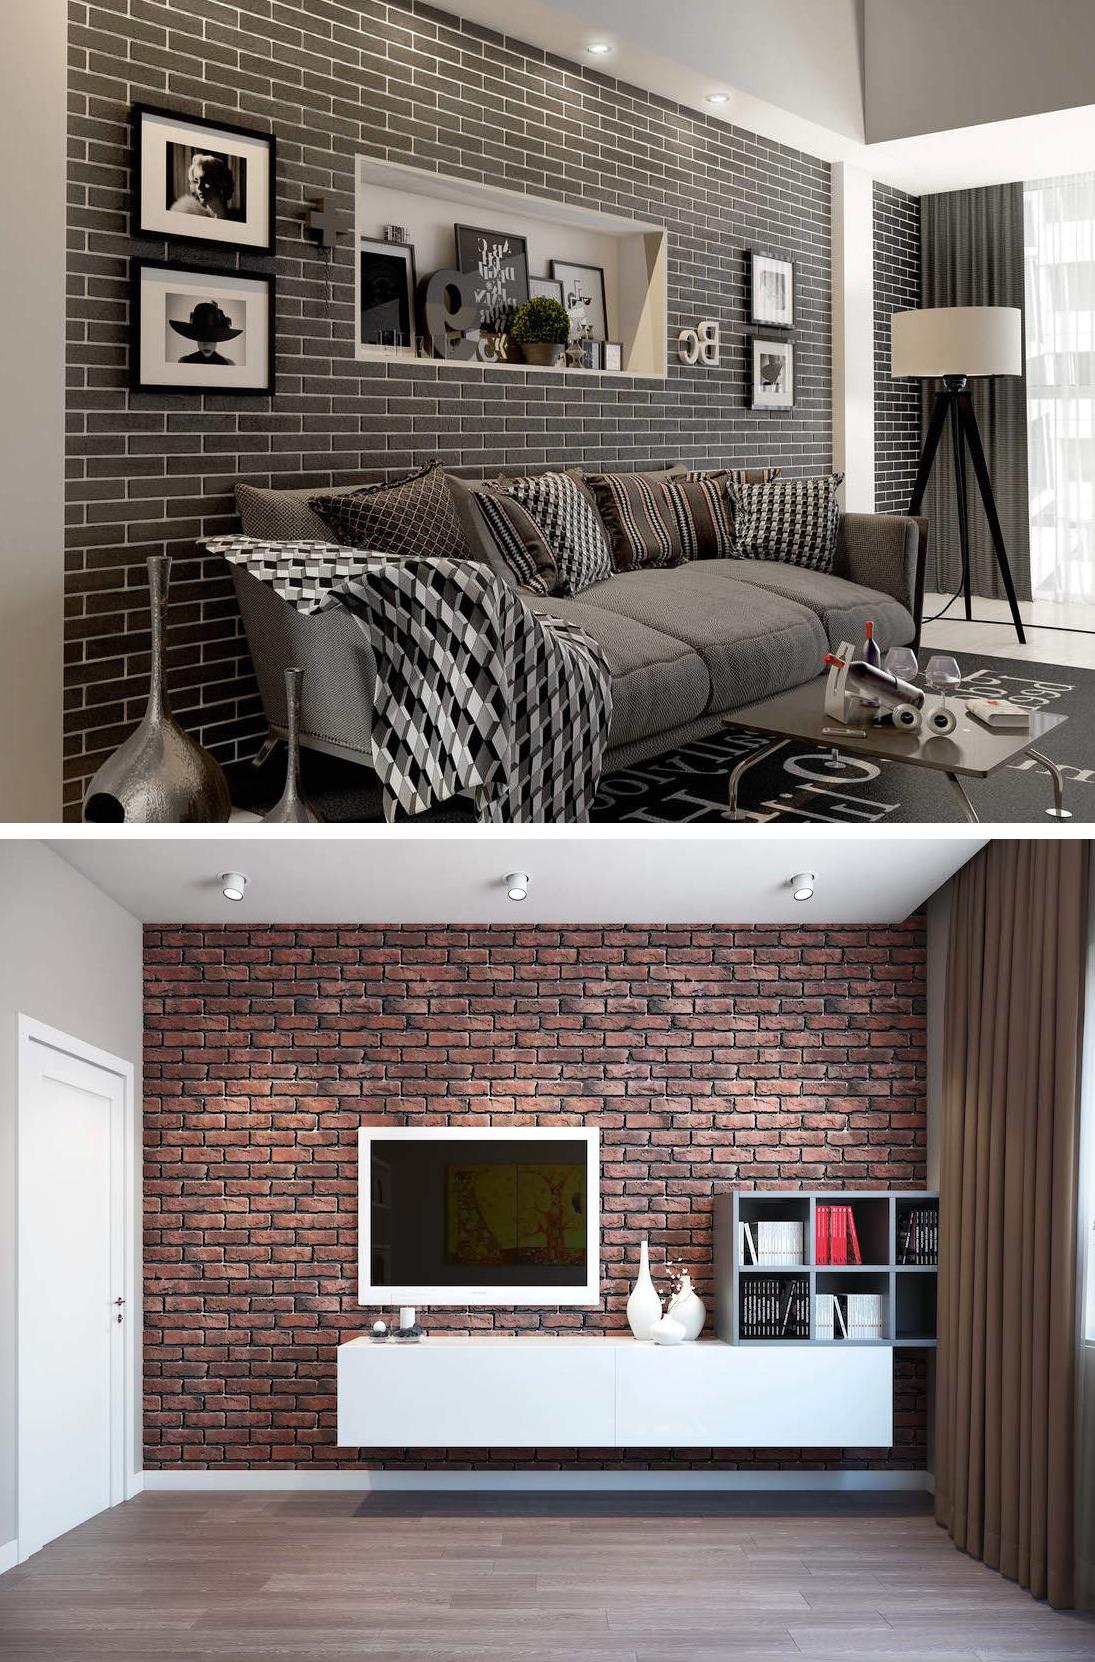 Несмотря на то что обои имитирующие кирпичную кладку будут уместны абсолютно в любой комнате, к их выбору следует подойти с особой ответственностью